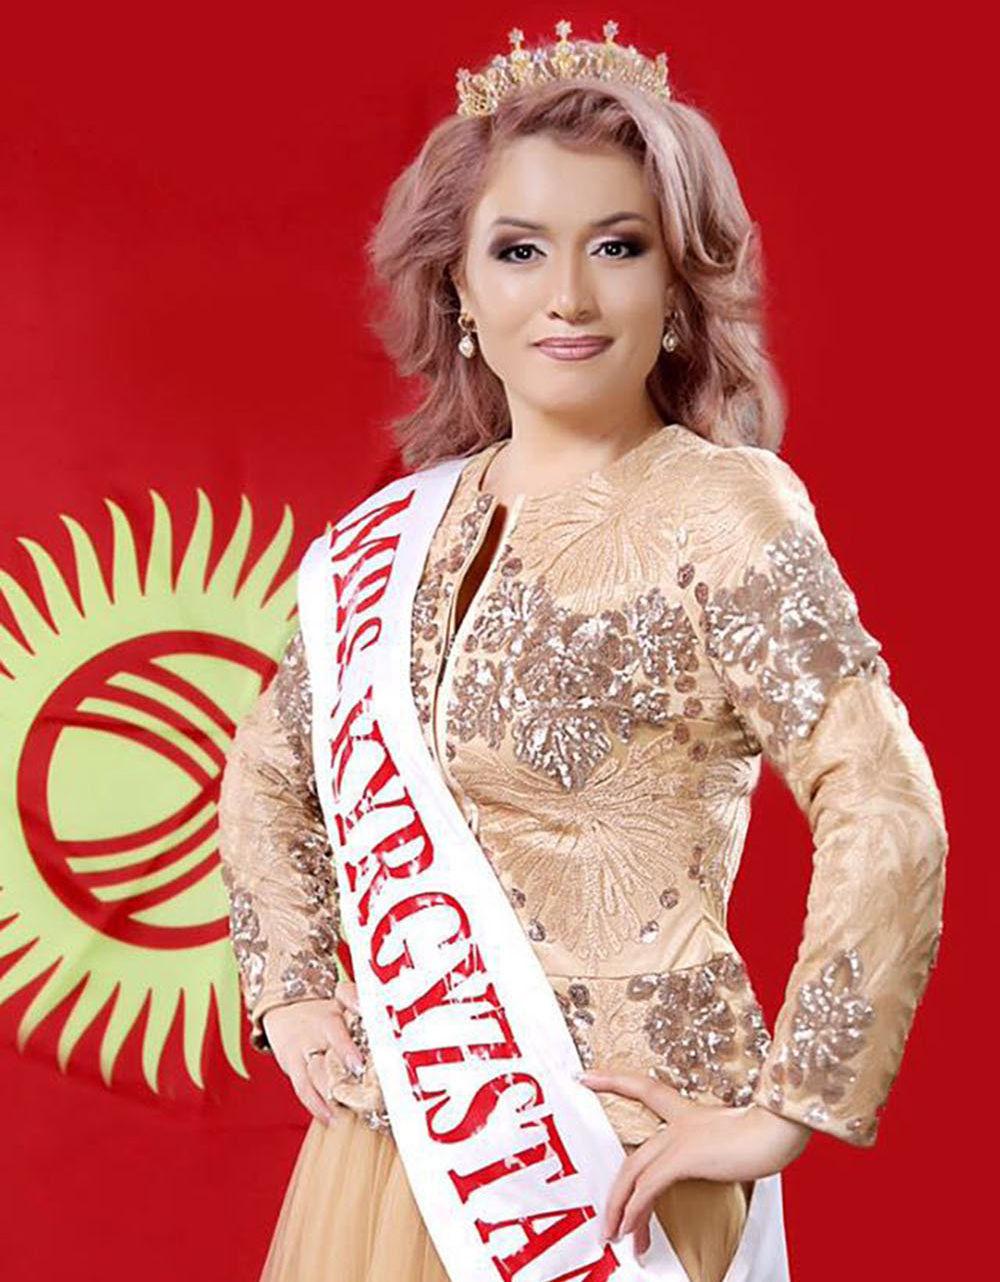 Участница из Кыргызстана на международном конкурсе Миссис Вселенная — 2016 41-летняя Наргиза Осмонова, имеющая титул первой Миссис Королевы мира.